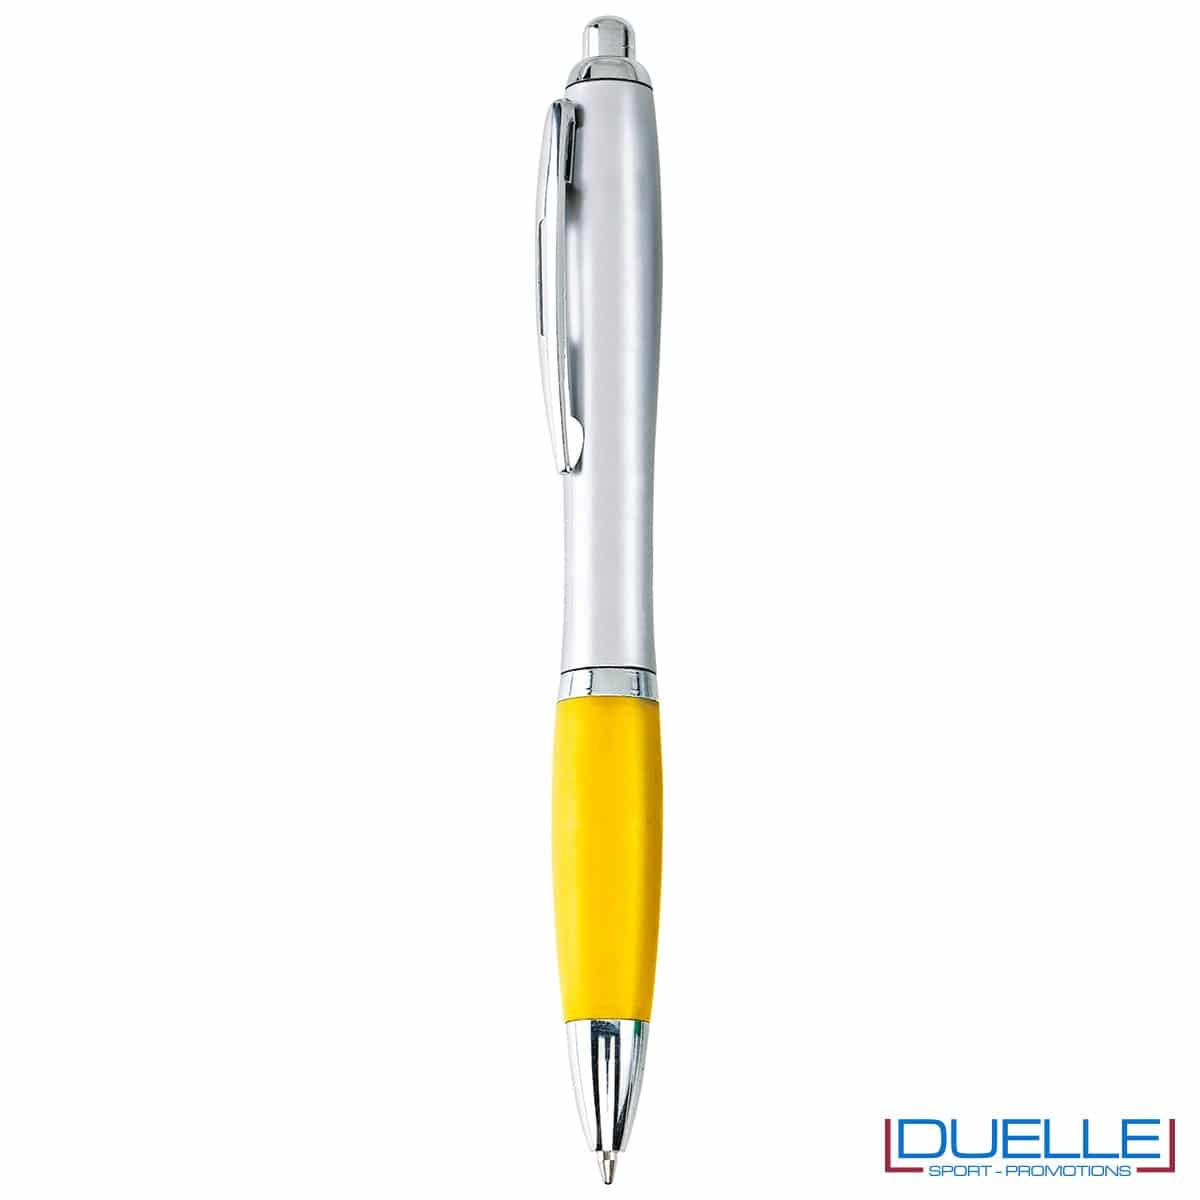 Penna economica personalizzata fusto silver impugnatura colore giallo